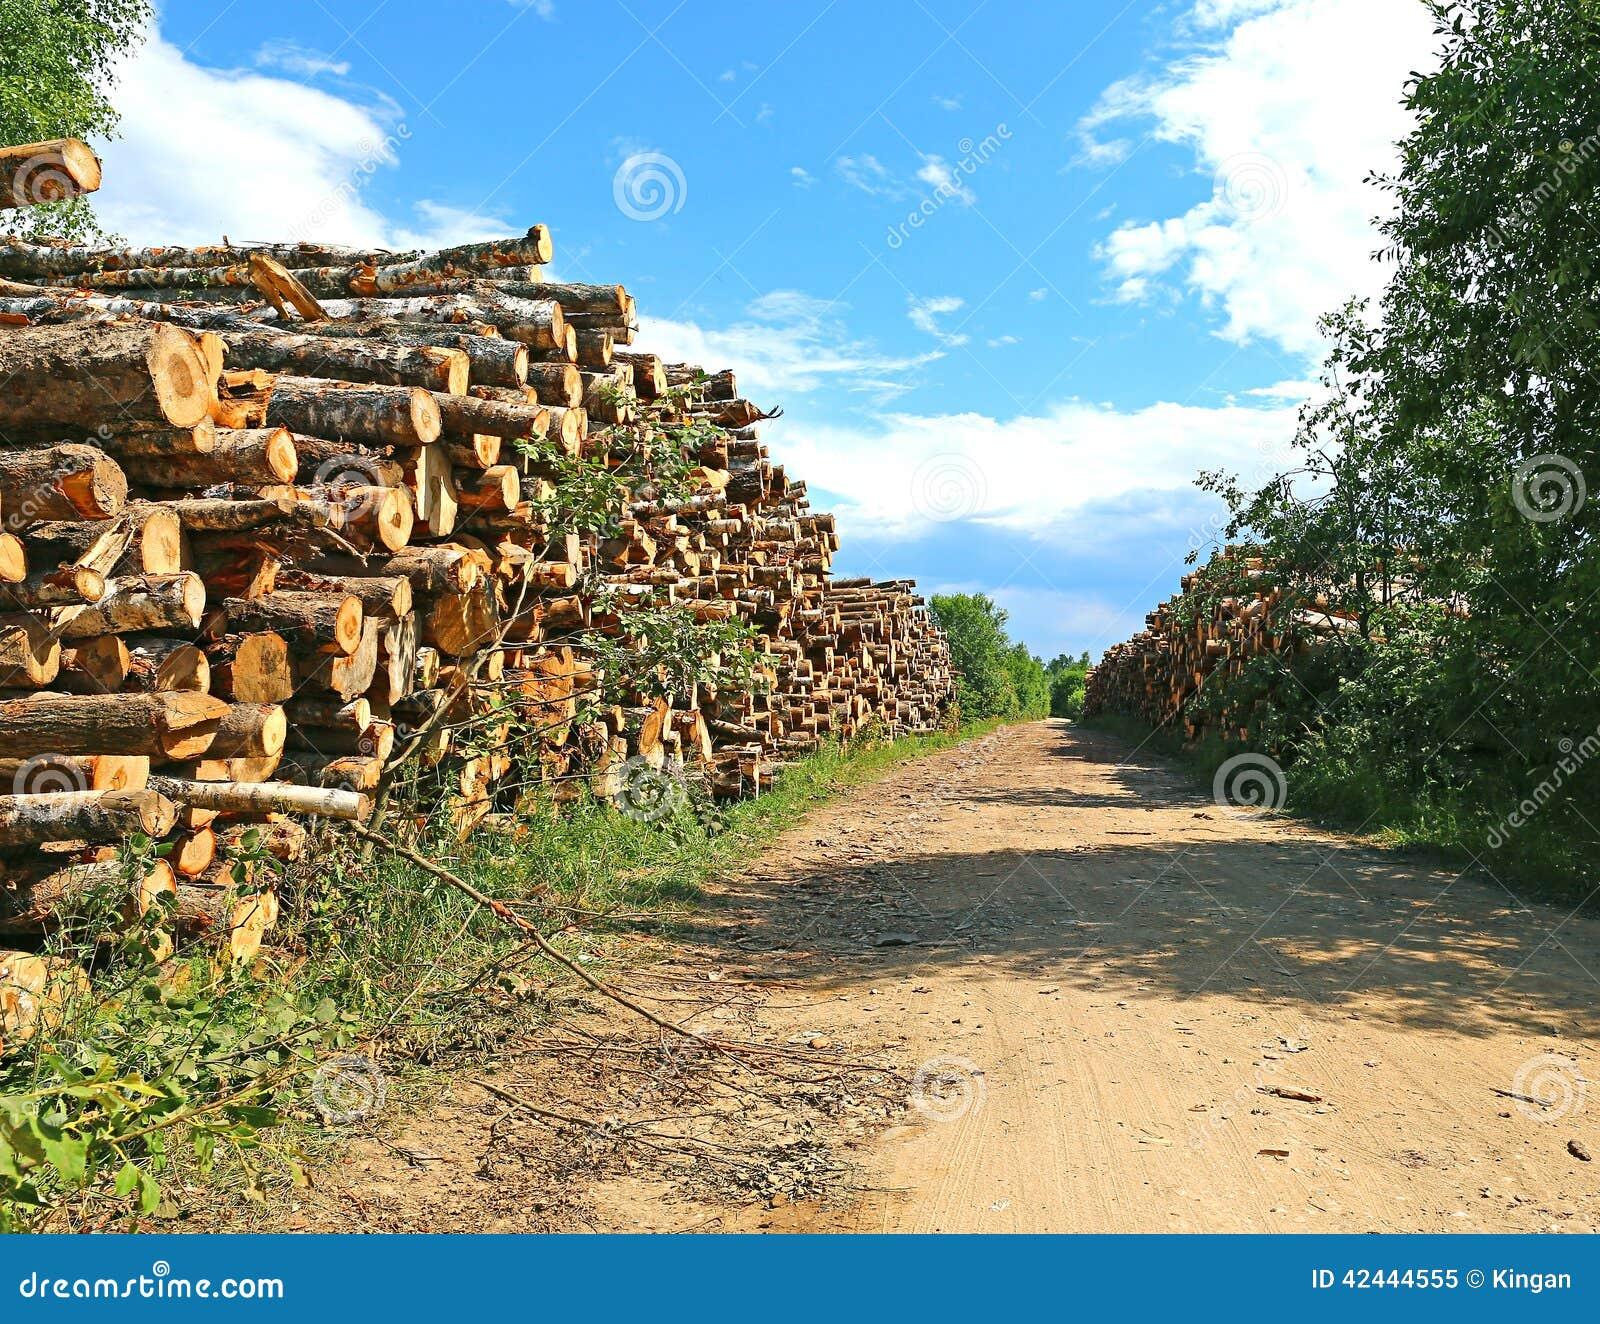 Cosechando la madera abre una sesión un bosque